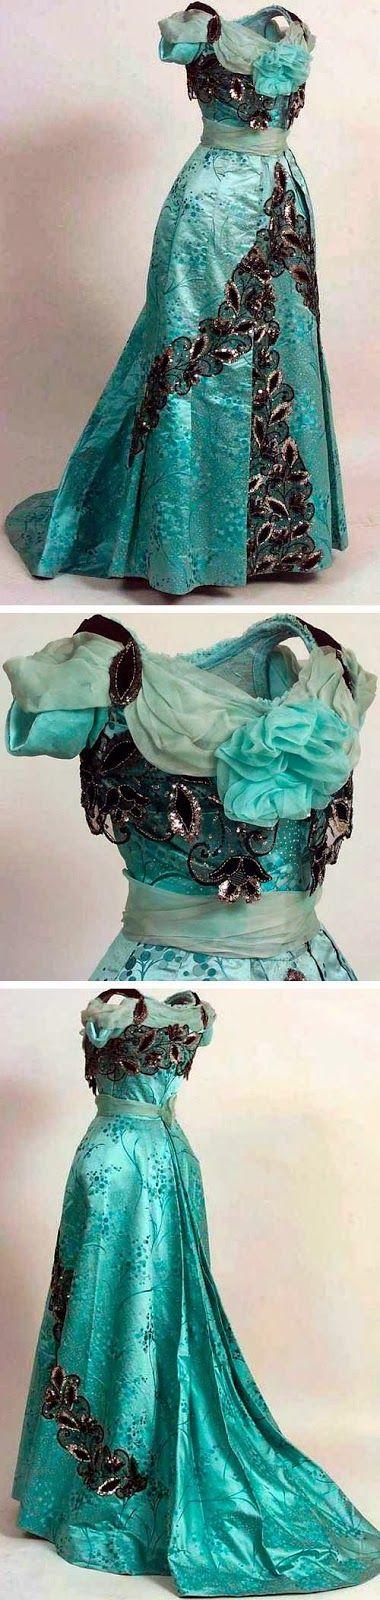 i love historical clothing: Edwardian dresses